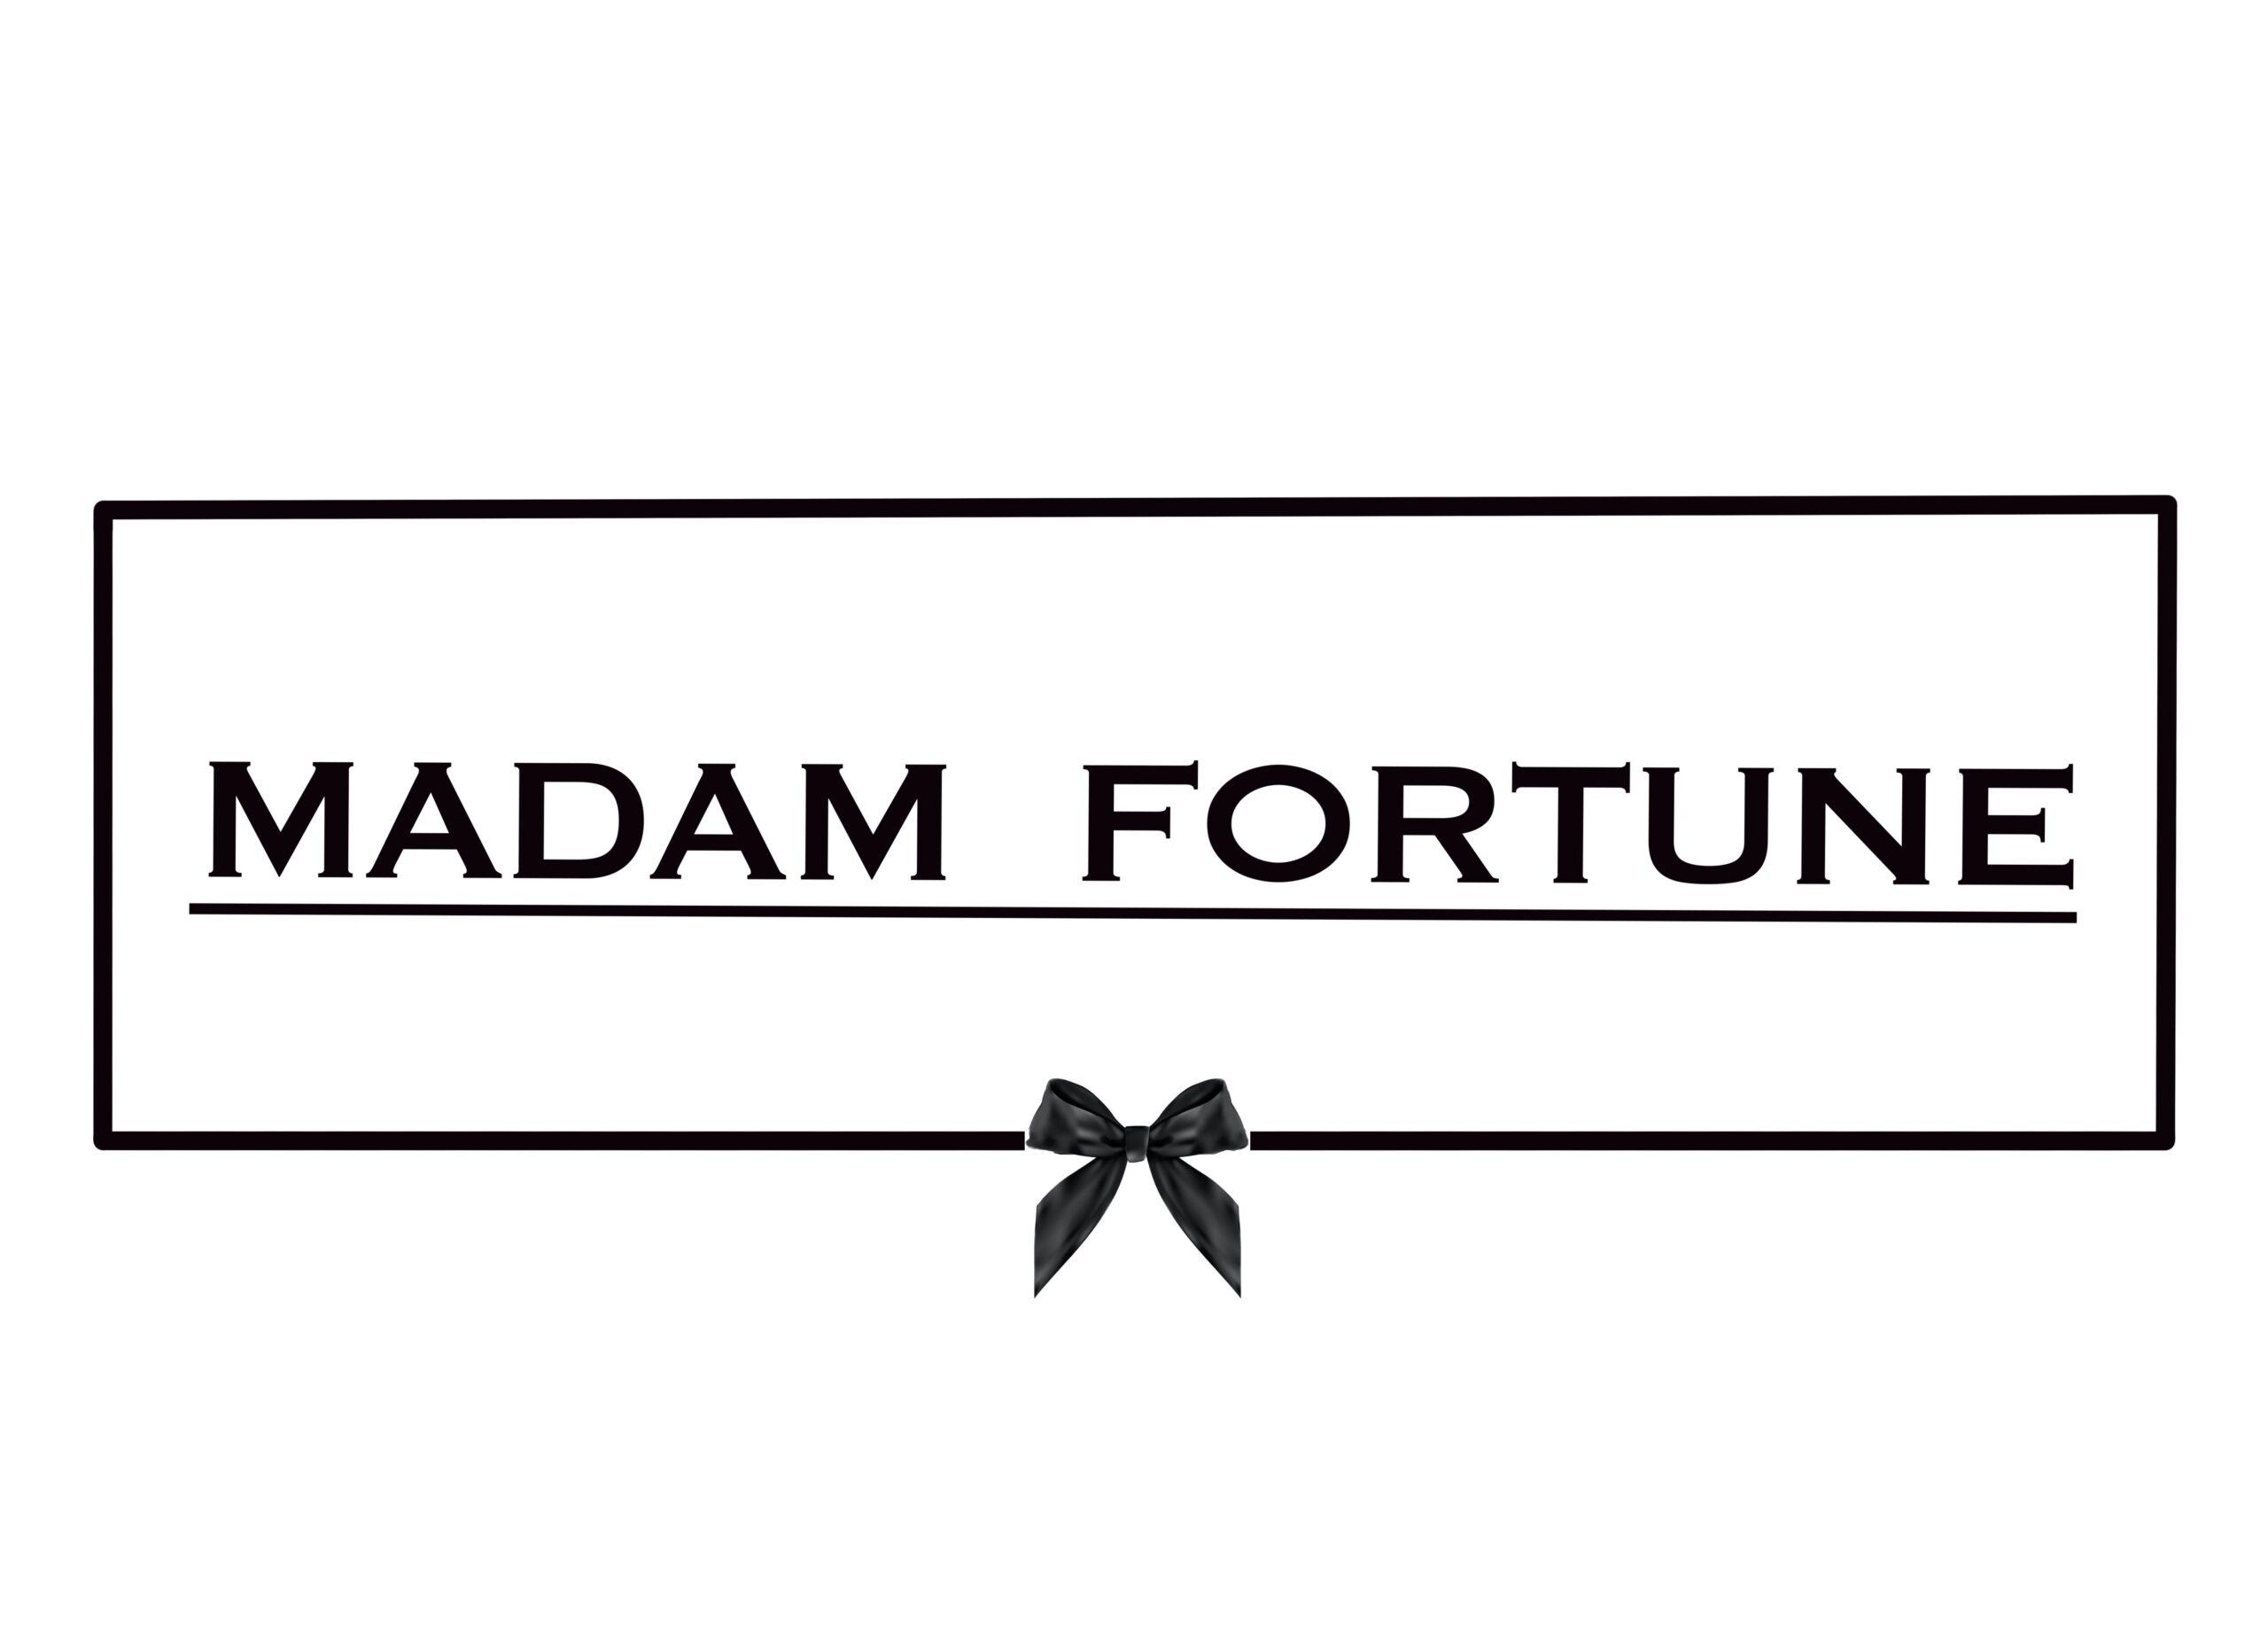 Soumya Saxena, Madam fortune